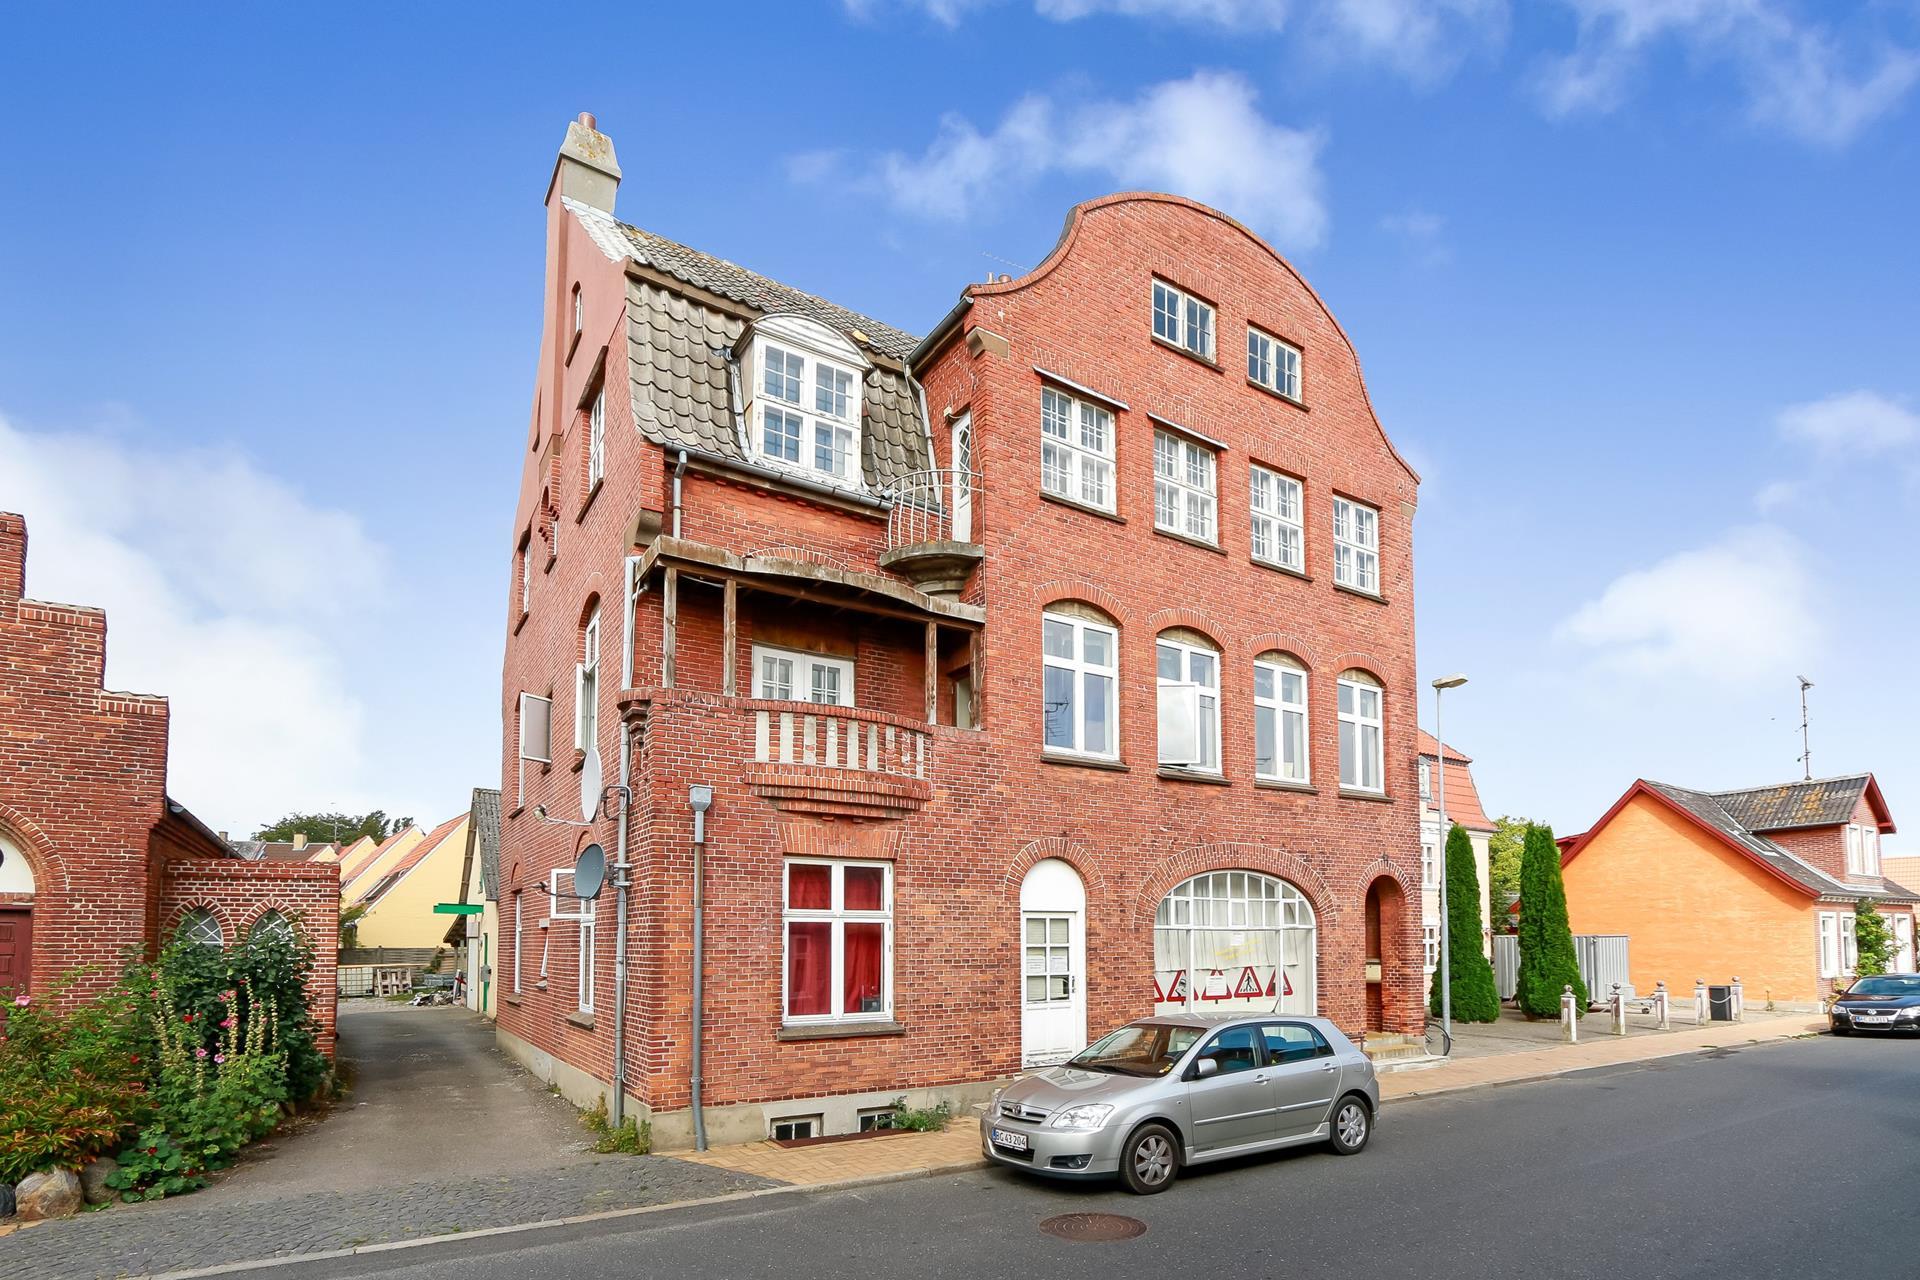 Bolig/erhverv på Ahlefeldtsgade i Rudkøbing - Ejendommen